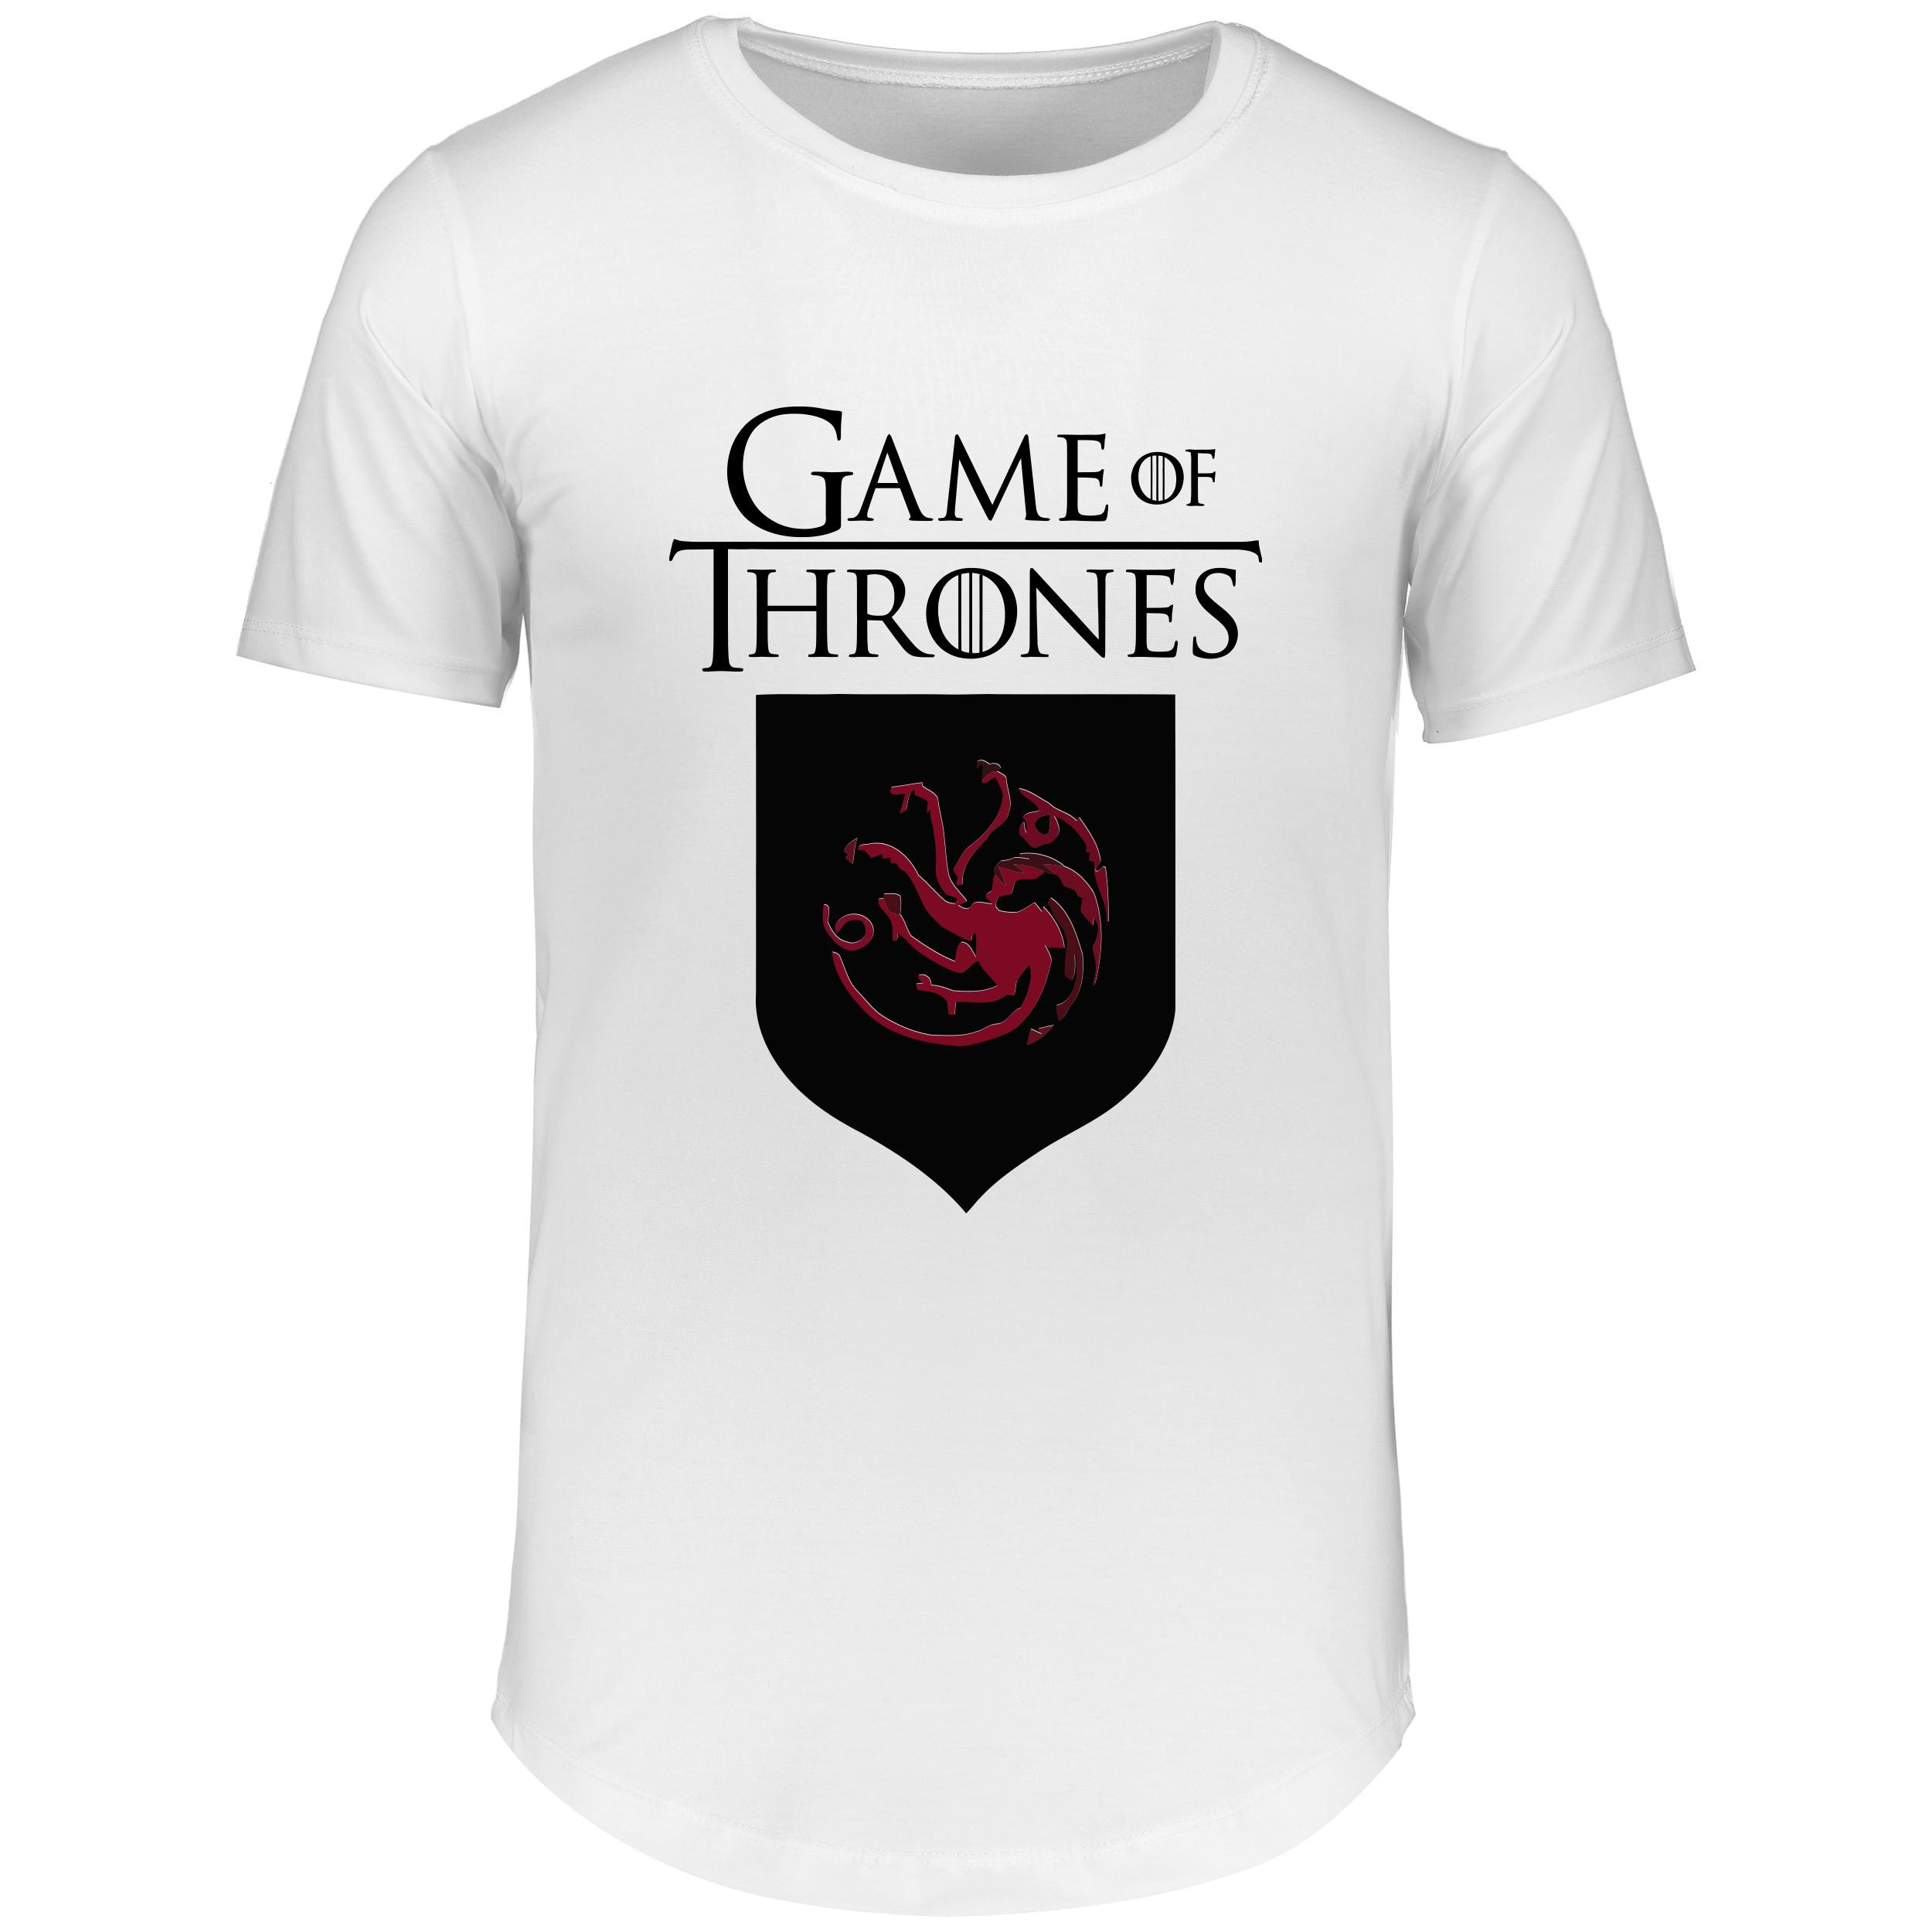 تی شرت مردانه طرح Game of thrones کد 15885